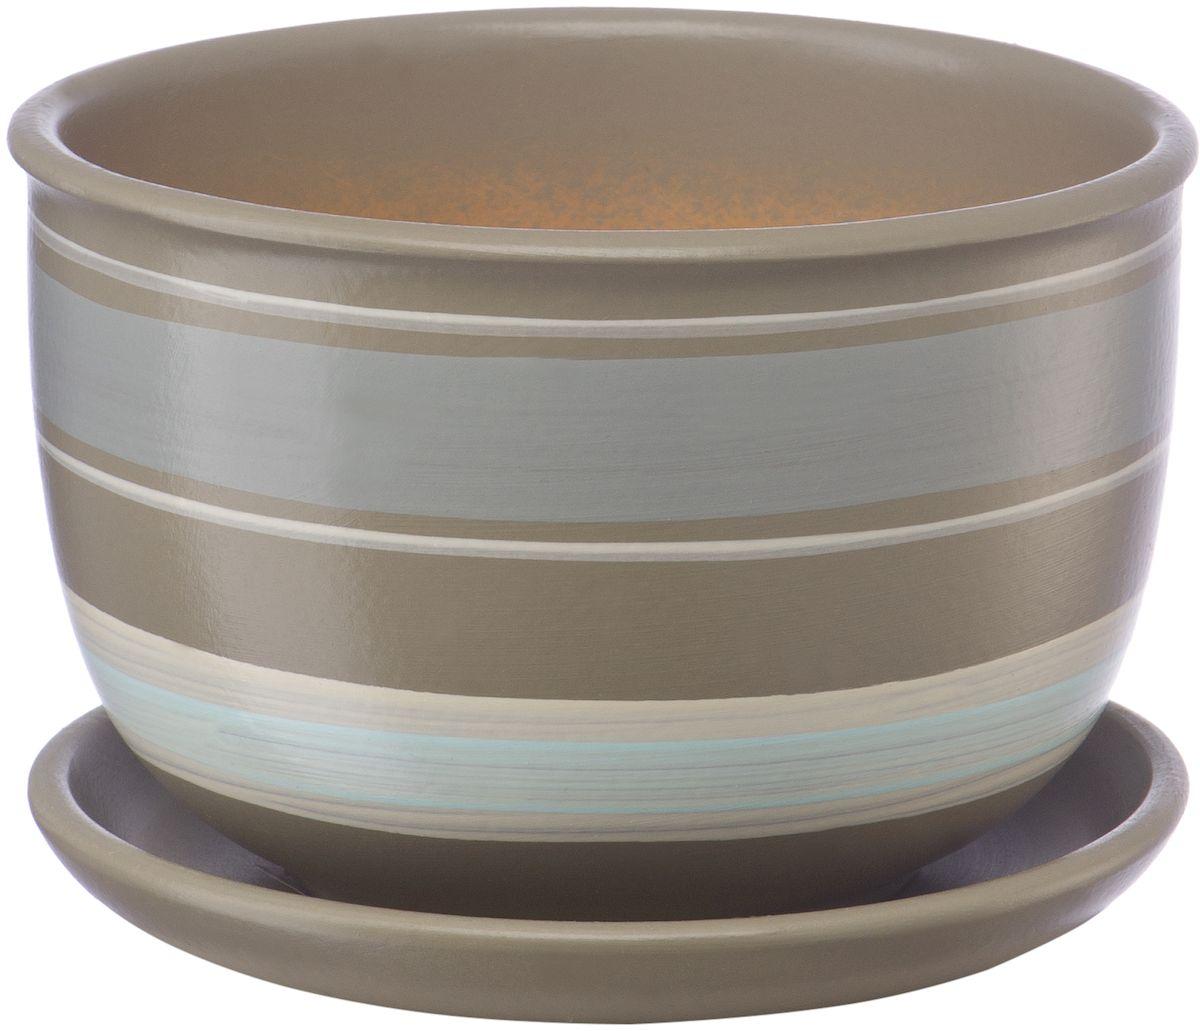 Горшок цветочный Engard, с поддоном, цвет: серый, белый, 0,5 лBH-18-8Керамический горшок Engard - это идеальное решение для выращивания комнатных растений и создания изысканности в интерьере. Керамический горшок сделан из высококачественной глины в классической форме и оригинальном дизайне.Объем: 0,5 л.